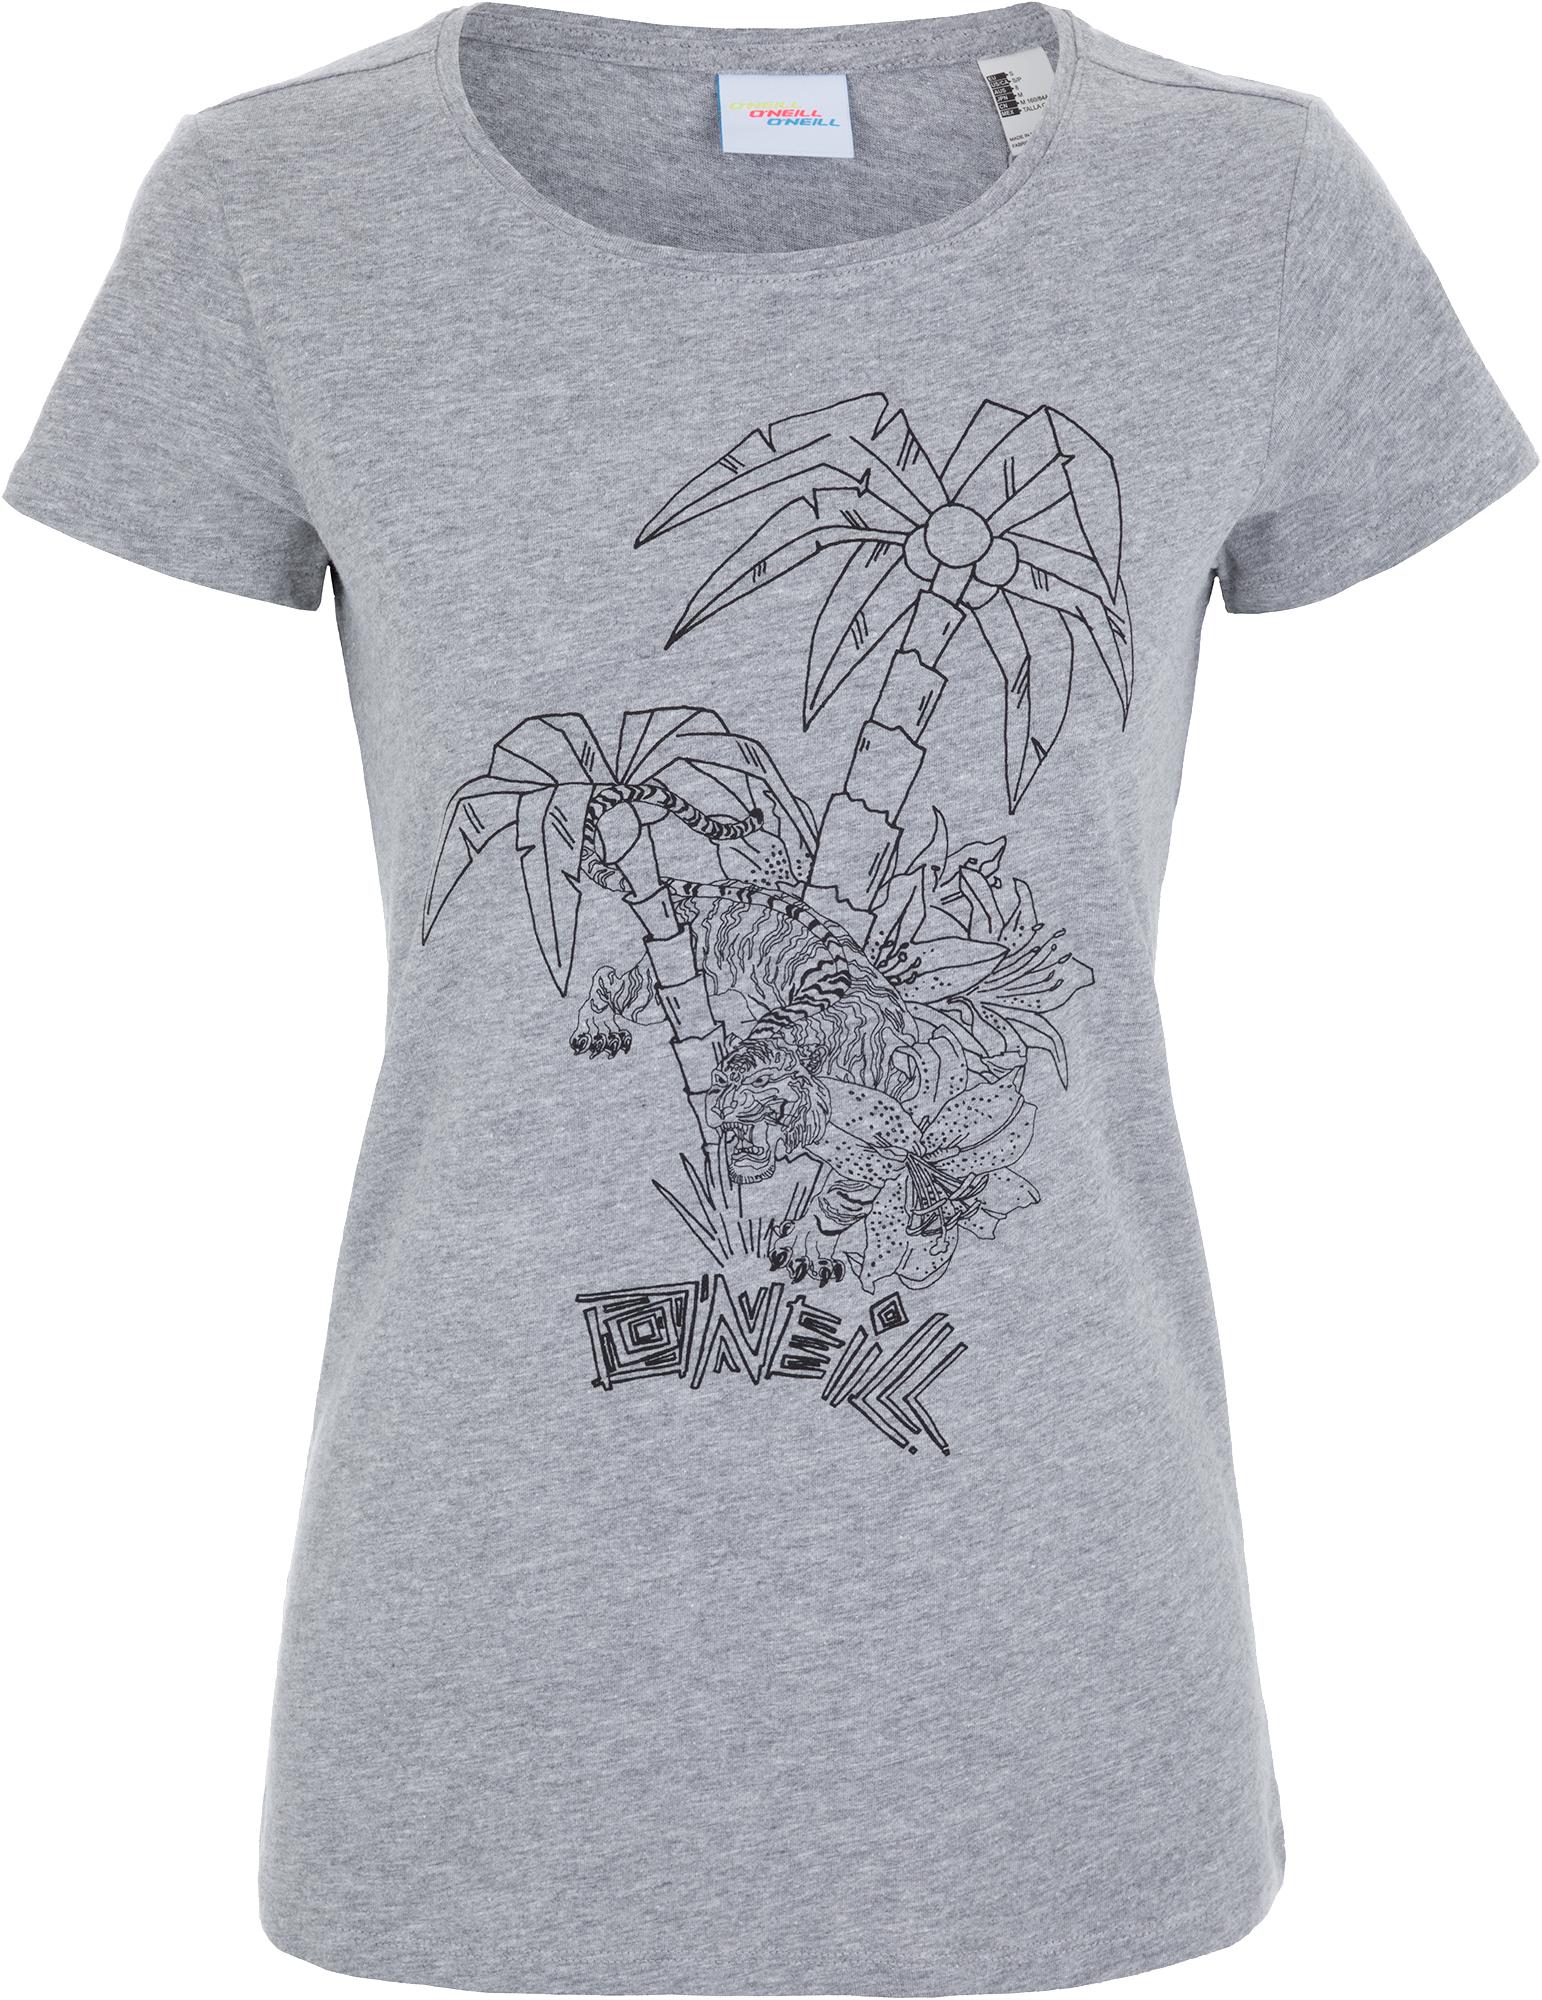 O'Neill Футболка женская O'Neill Lw Brooklyn Banks, размер 50-52 футболка женская o neill lw brooklyn banks t shirt цвет светло серый 9a7310 8101 размер m 46 48